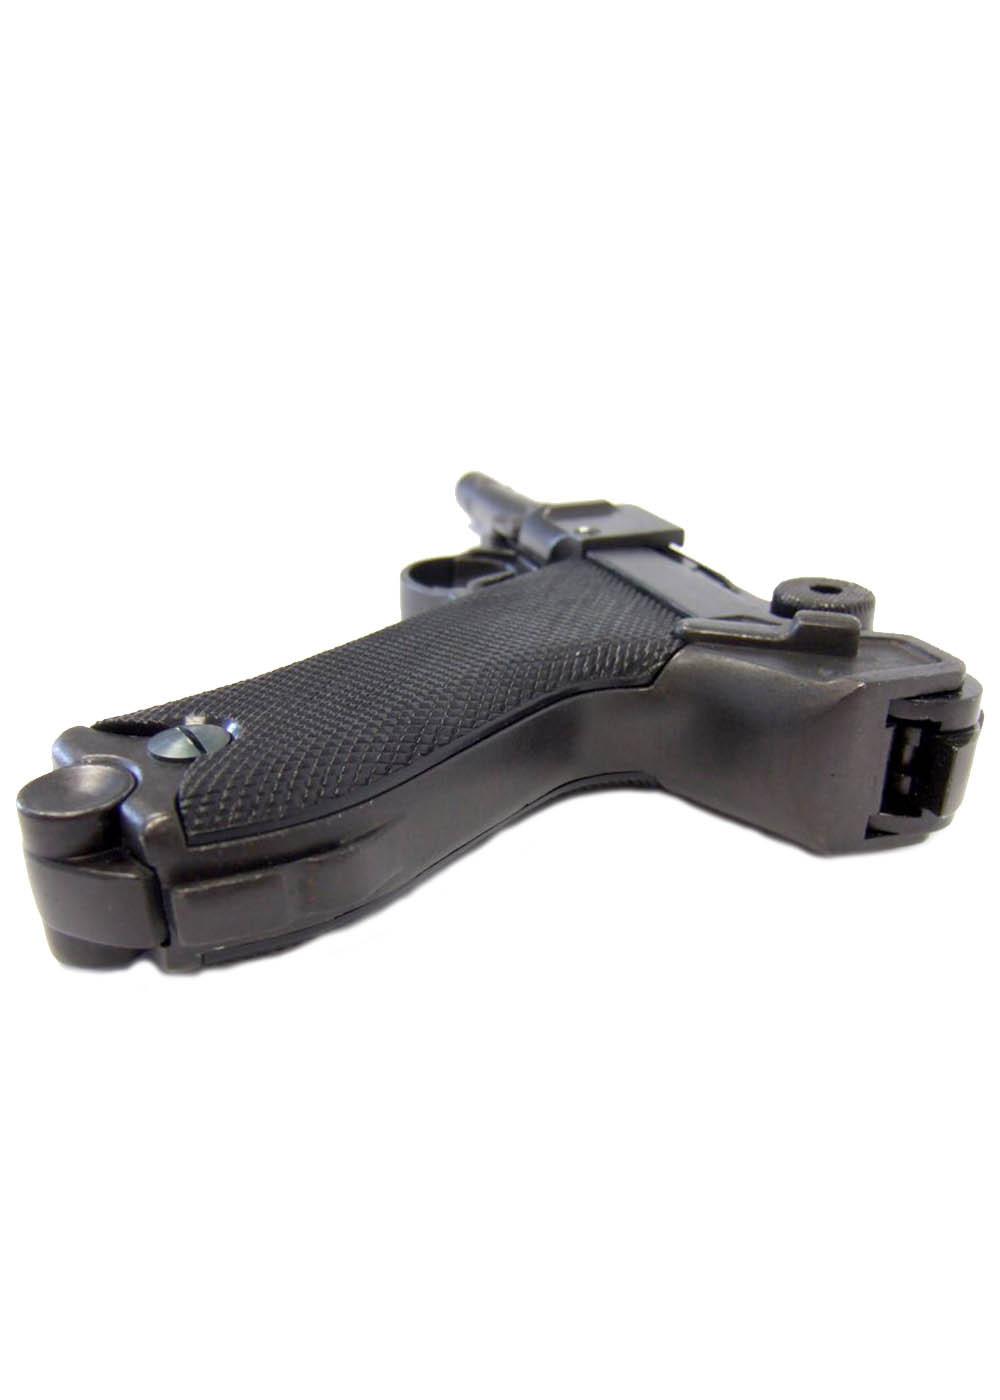 Пистолет Люгера Р08 Парабеллум, Германия, 1898 г.